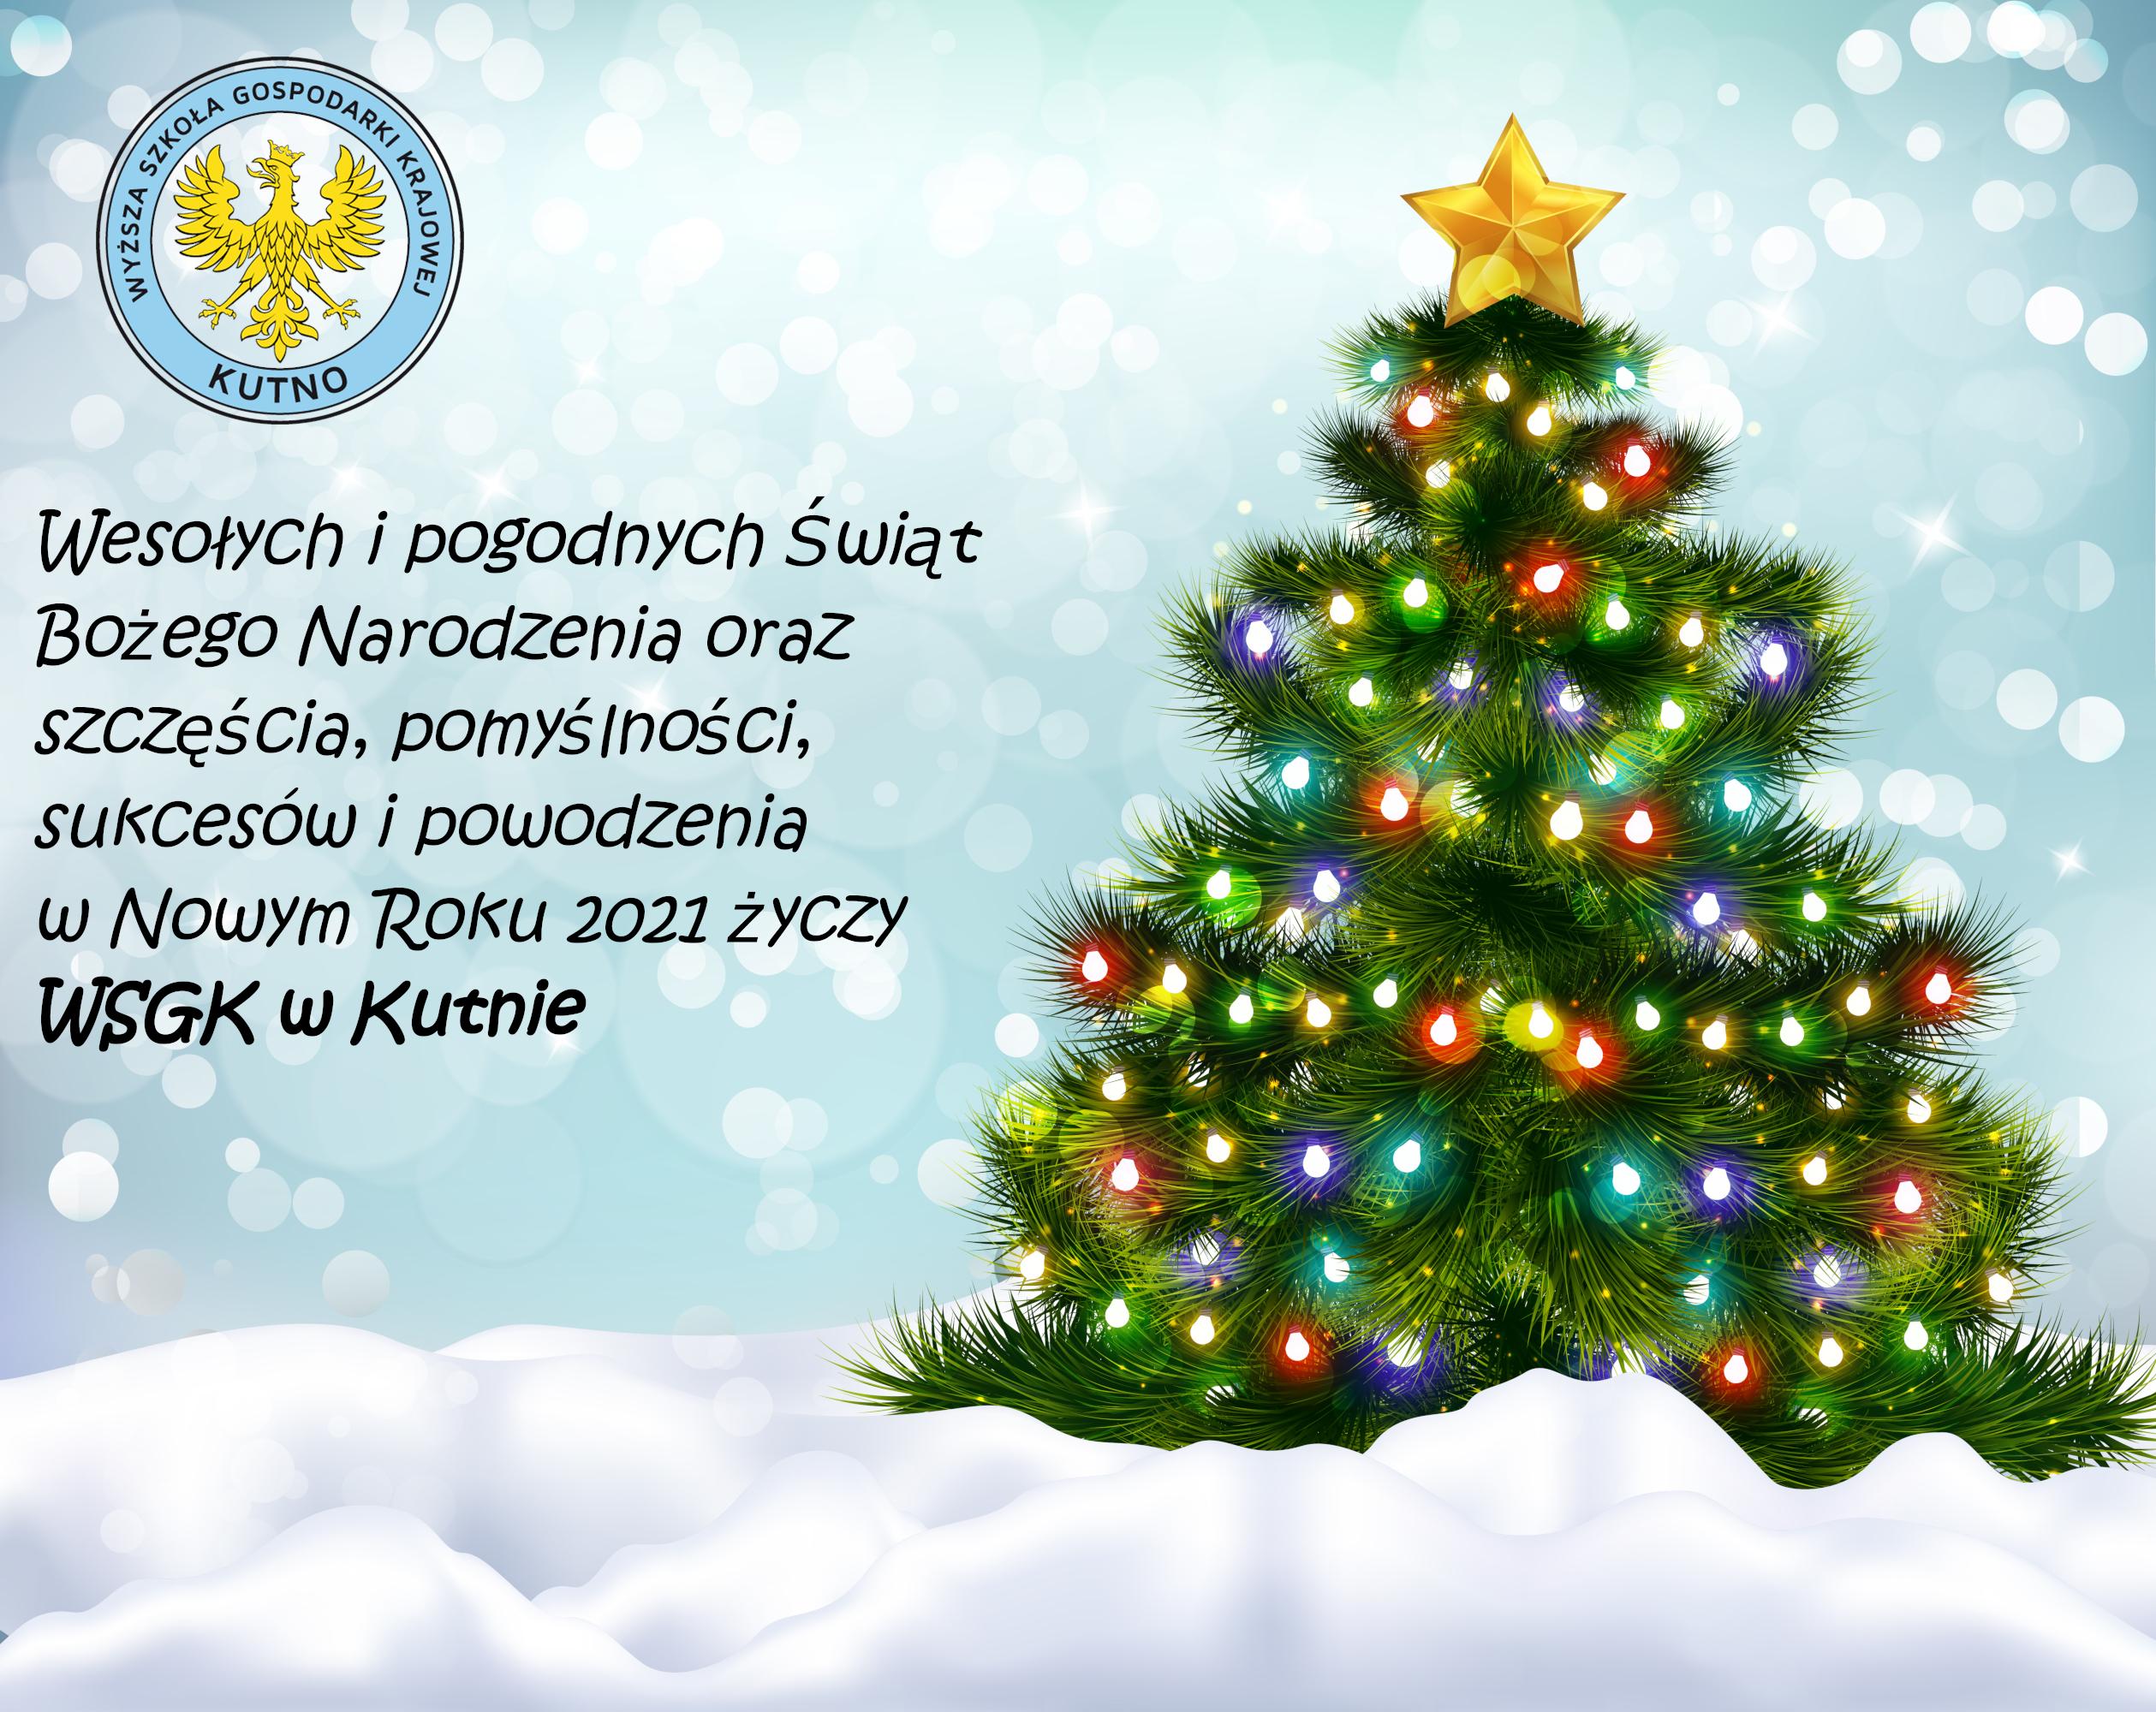 Wesołych Świąt i Szczęśliwego Nowego Roku 2021!